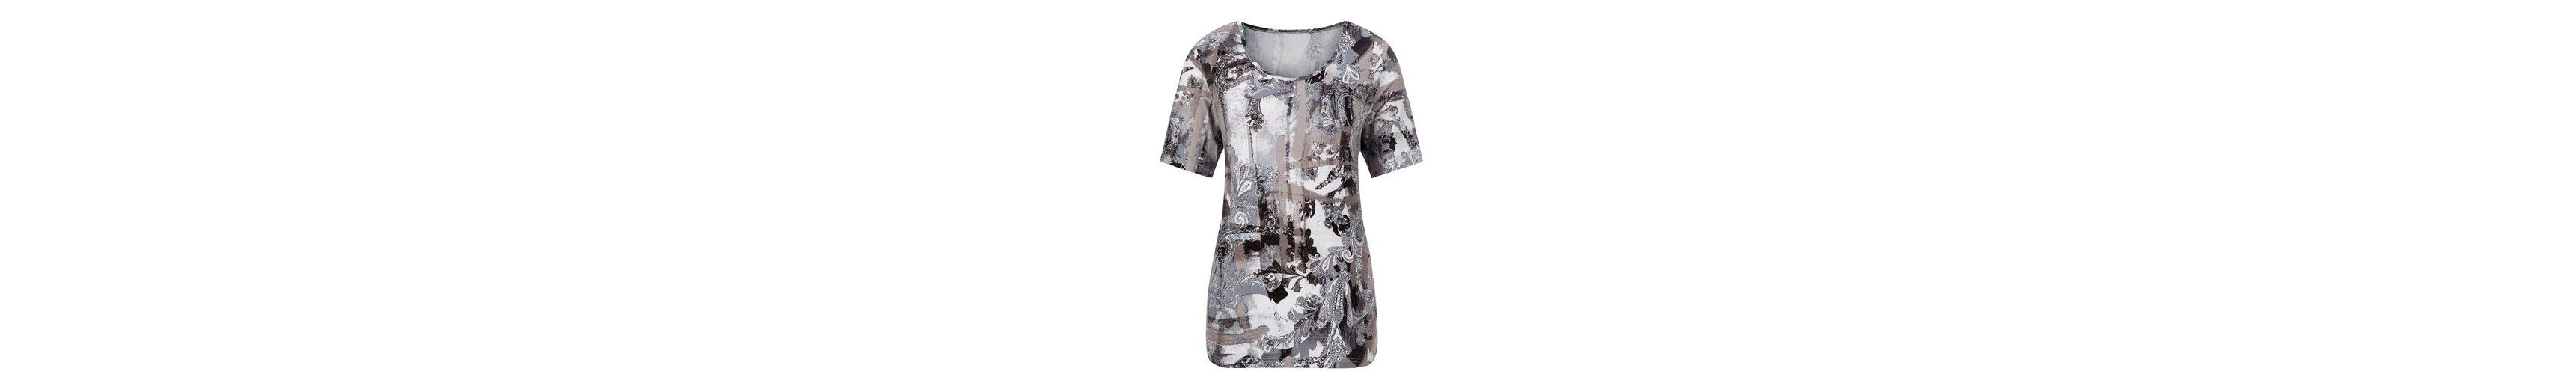 Spielraum 2018 Unisex Classic Shirt im kombifreundlichen Druck-Dessin Freies Verschiffen 2018 Neue Suche Nach Günstigem Preis zhY6iKr